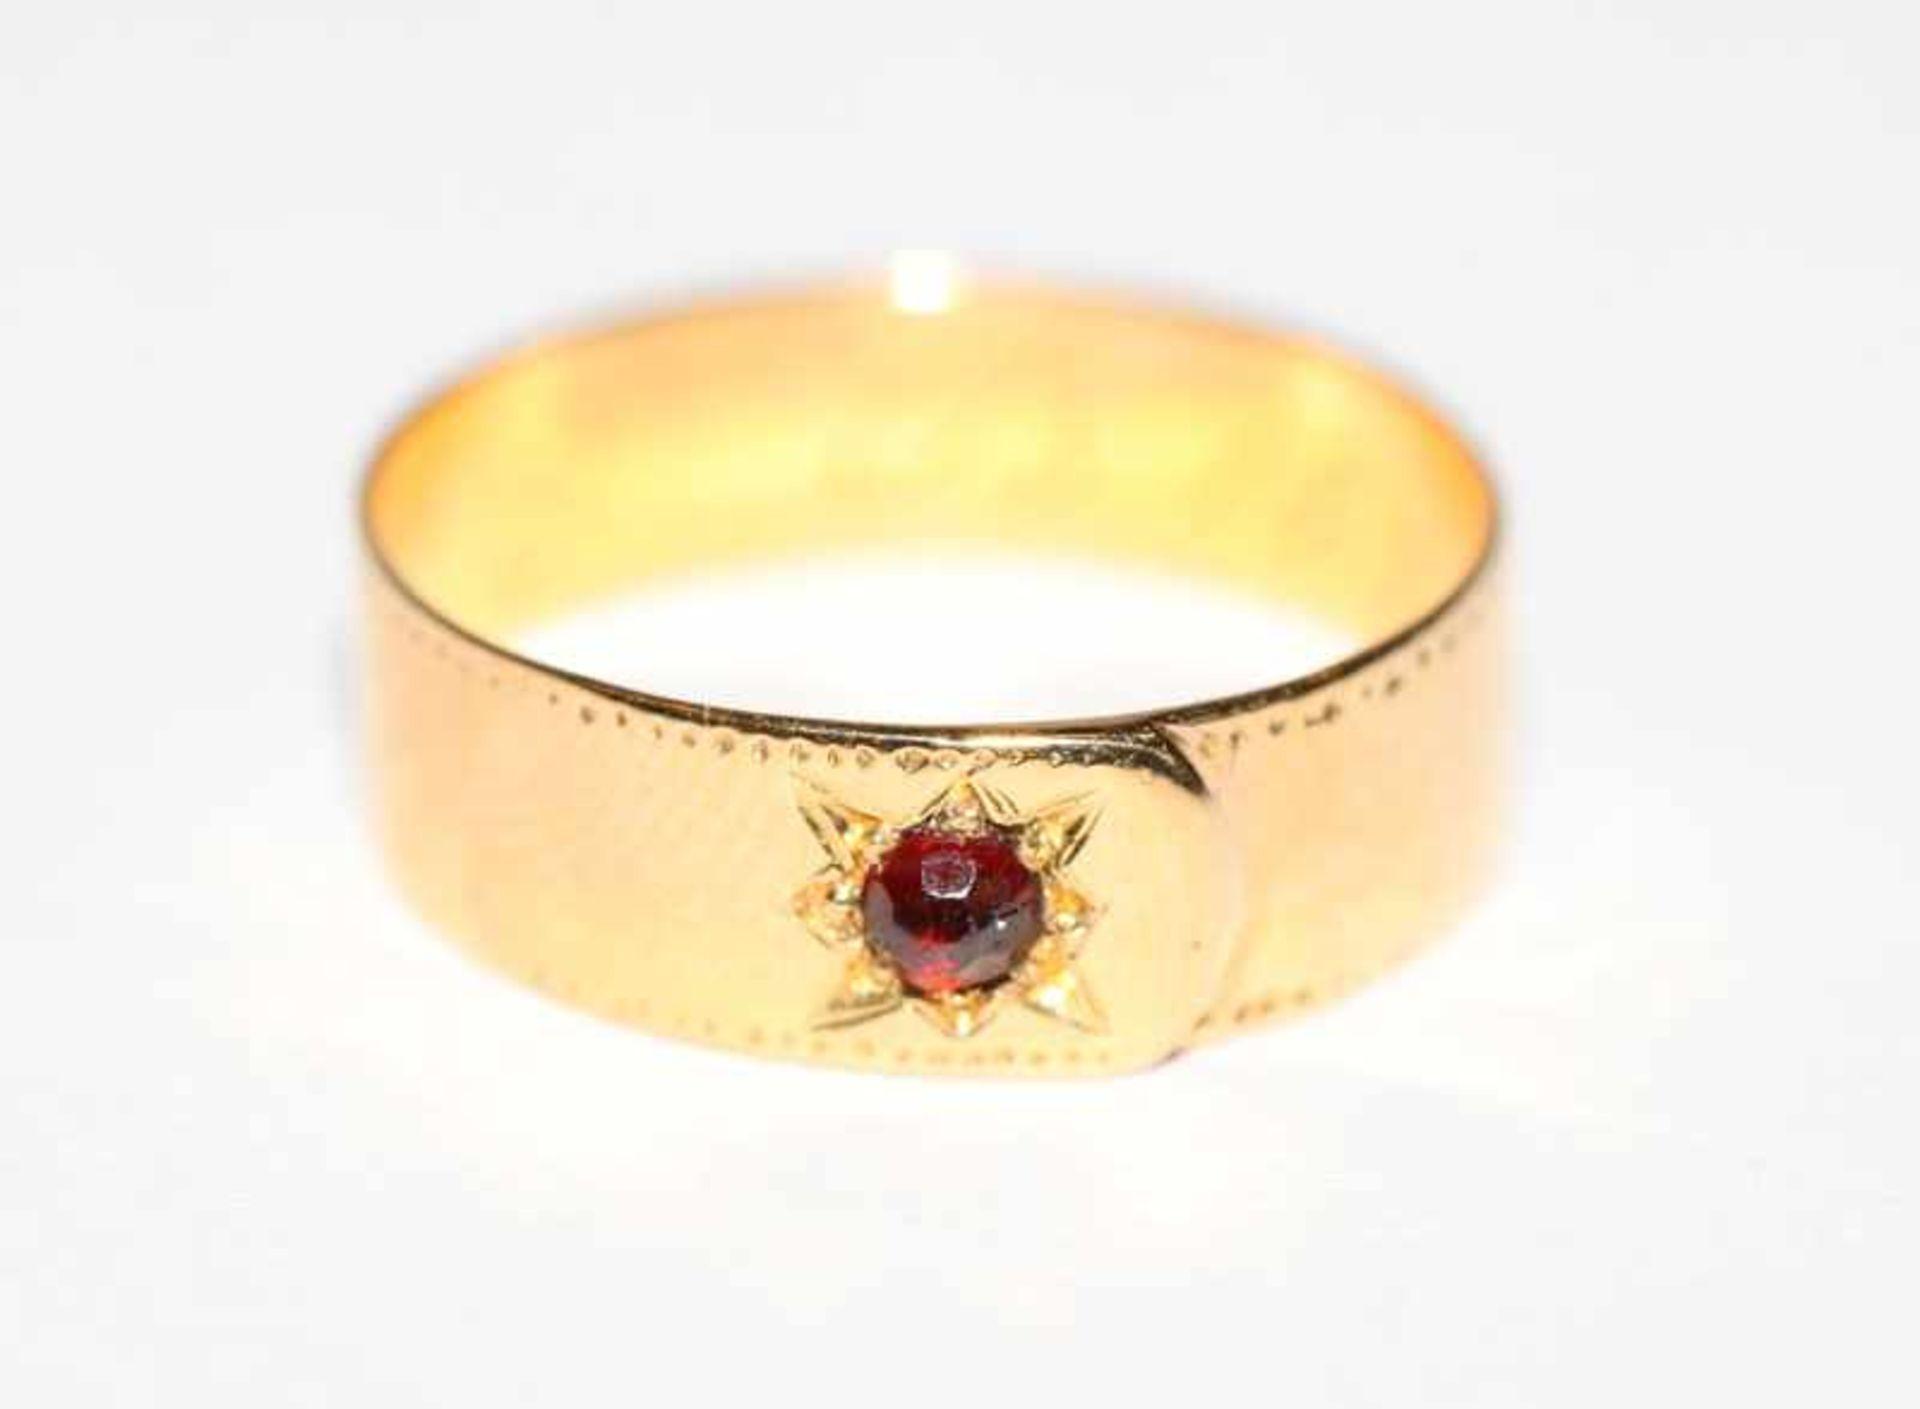 18 k (geprüft) Gelbgold Ring mit Rubin, innen datiert 1871, Gr. 54